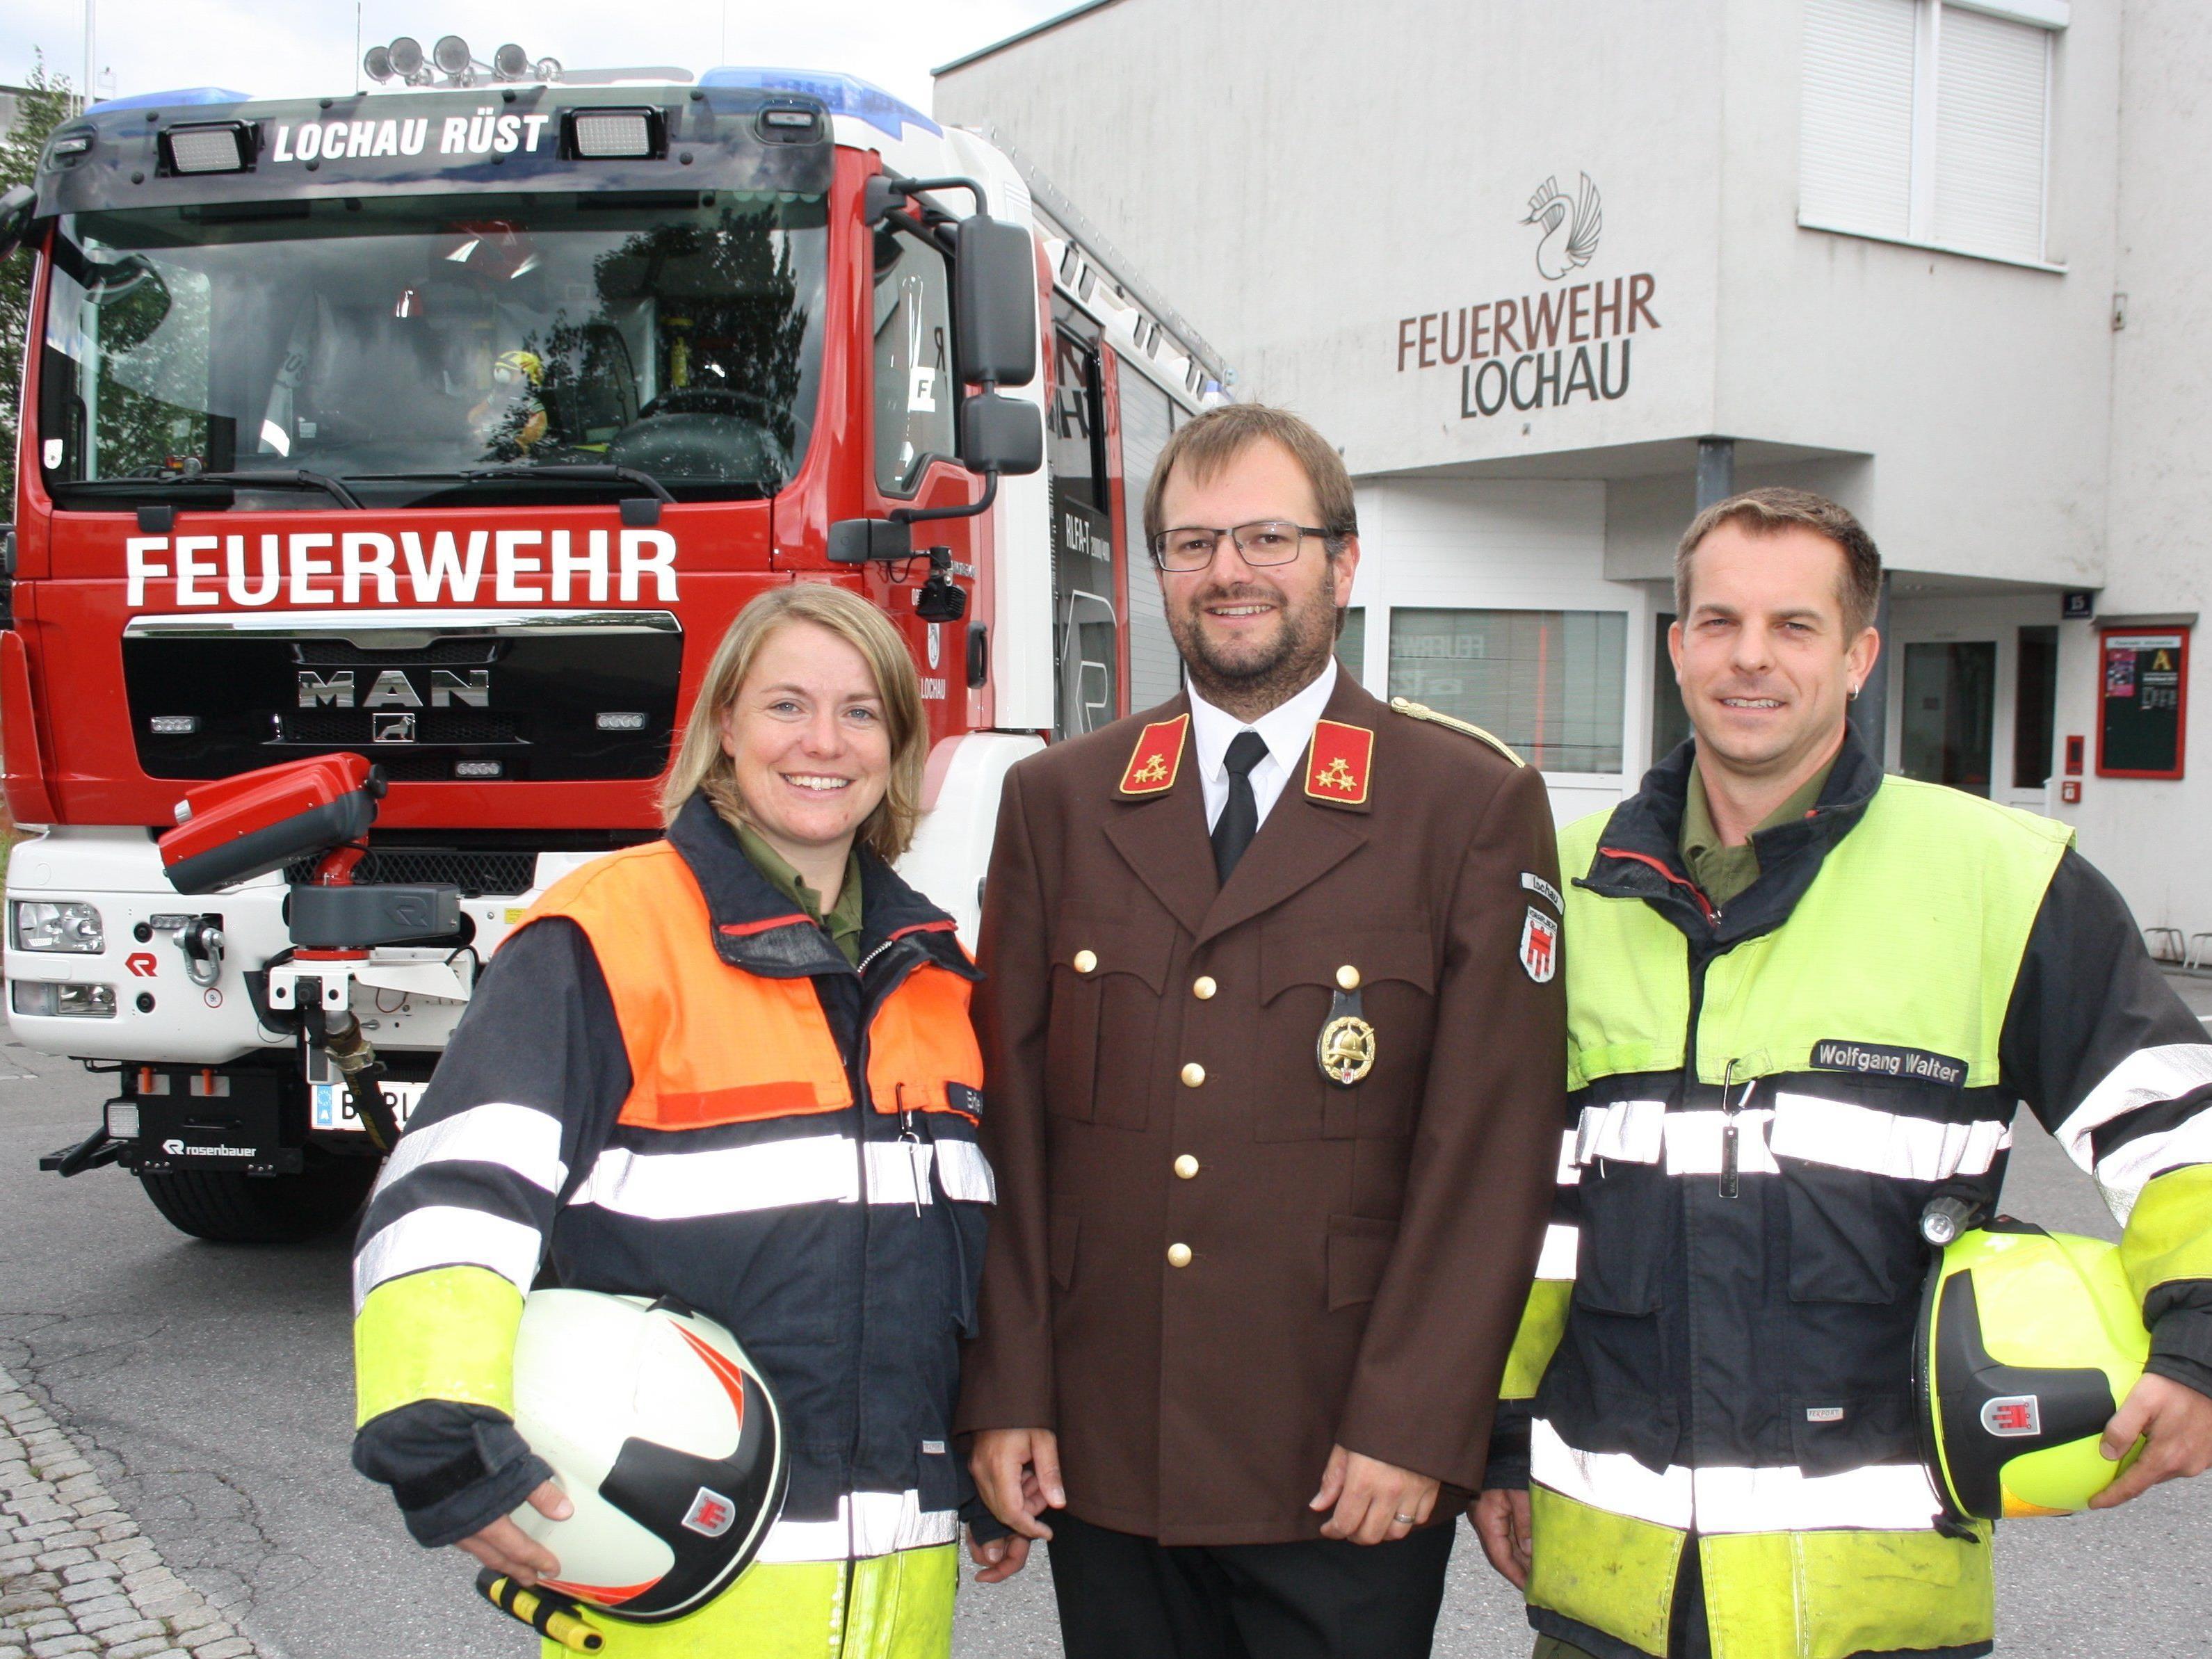 """Einladung zum traditionellen """"Feuerwehr-Frühschoppen"""" mit dem Musikverein Lochau im Feuerwehrgerätehaus."""